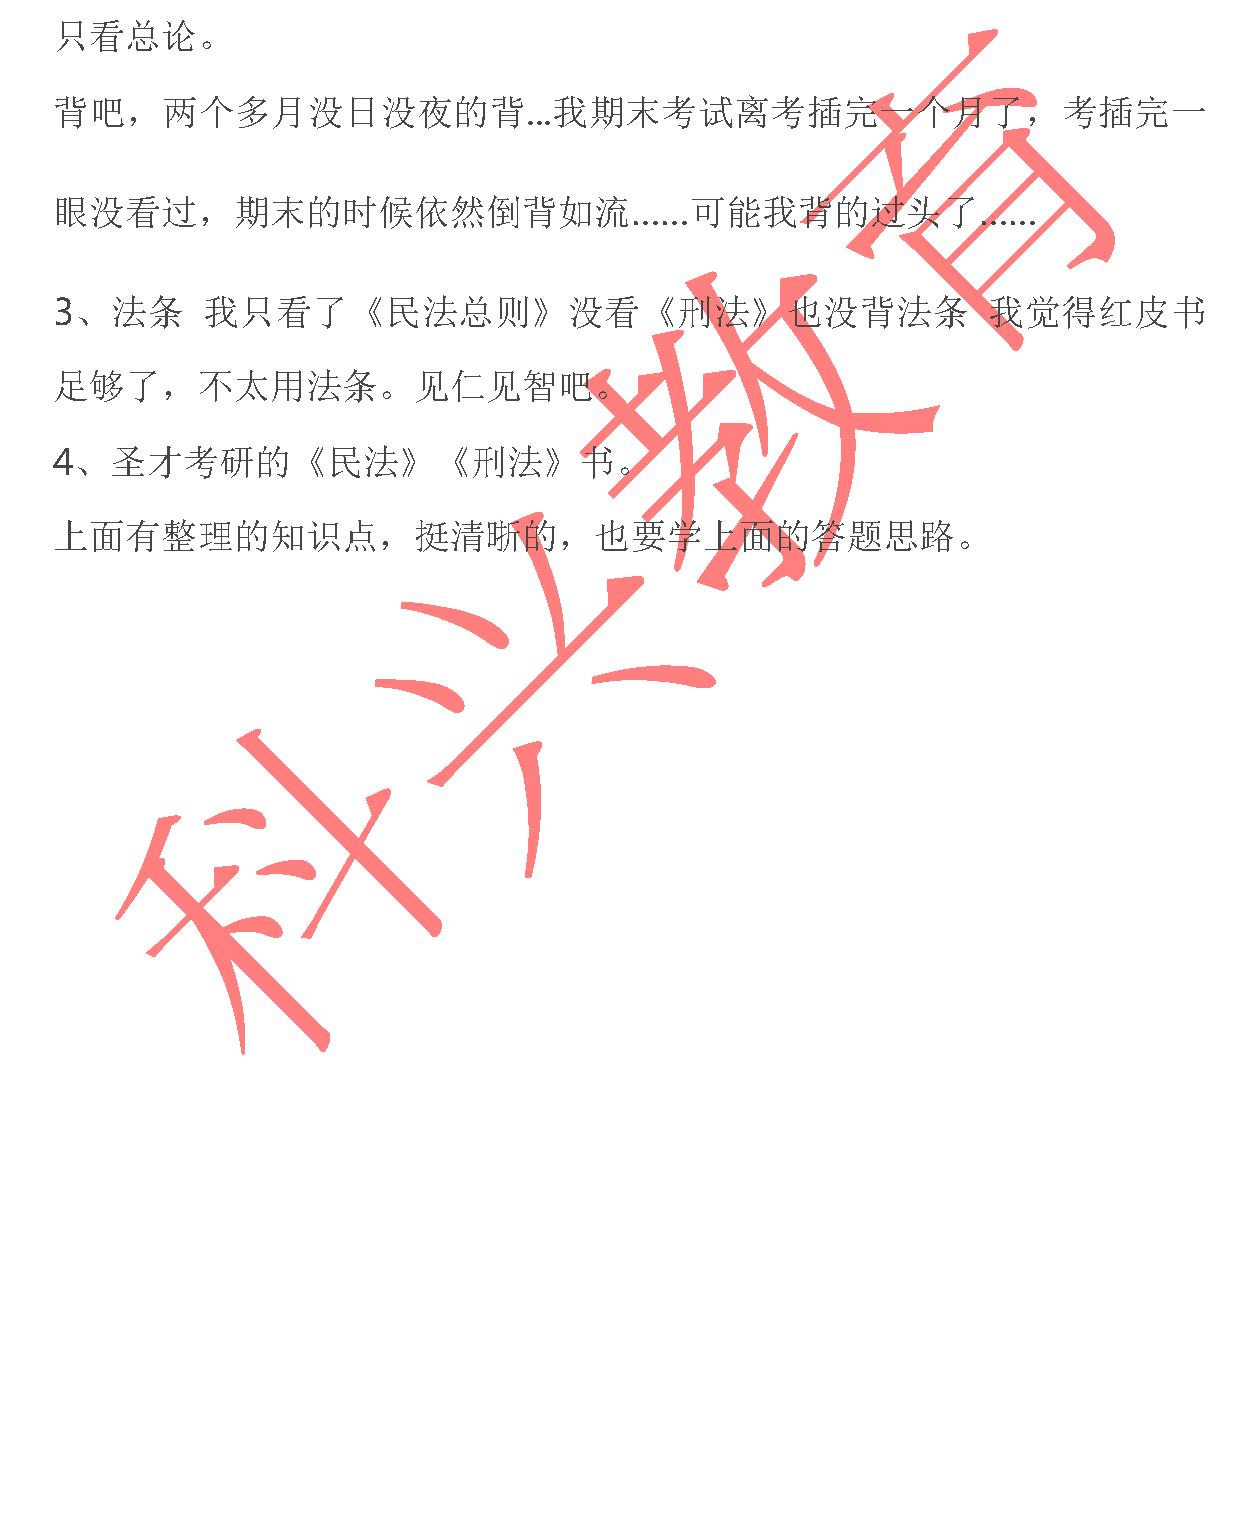 交大王博含:去摘最亮的星星(17届)